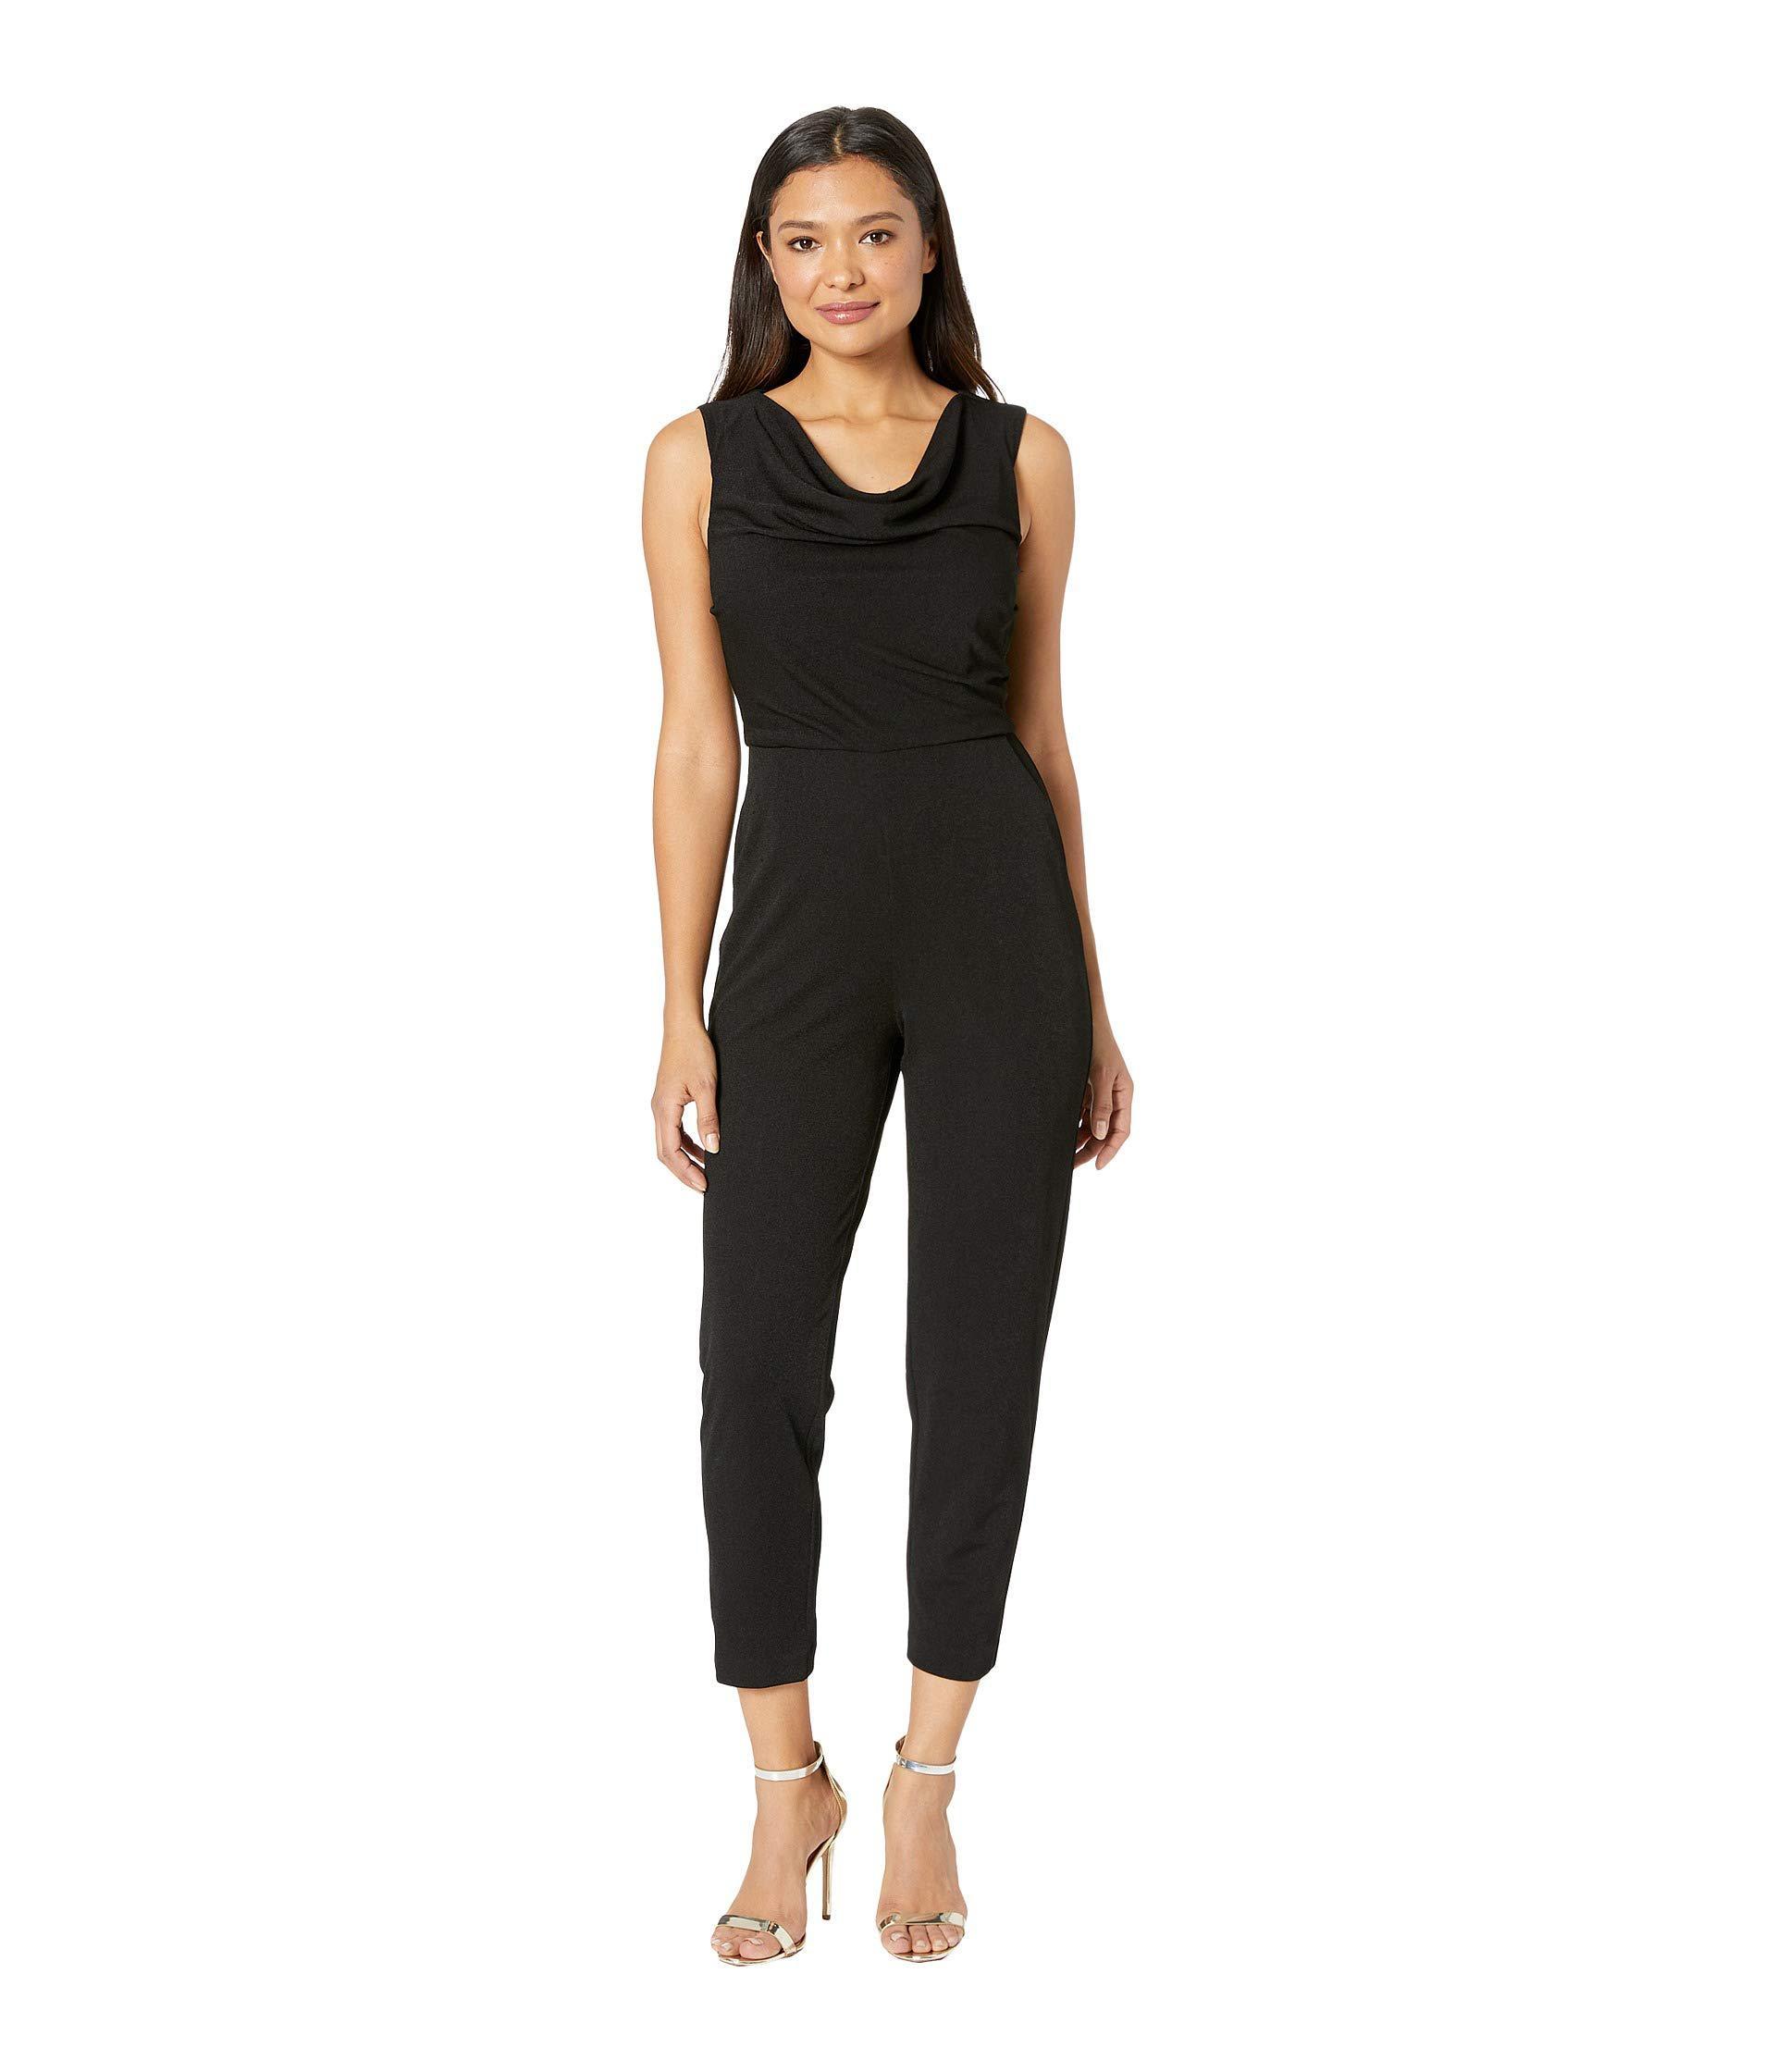 d82e9decb3c5 Maggy London. Evening Crepe Cowl Neck Jumpsuit (black) Women s Jumpsuit    Rompers ...